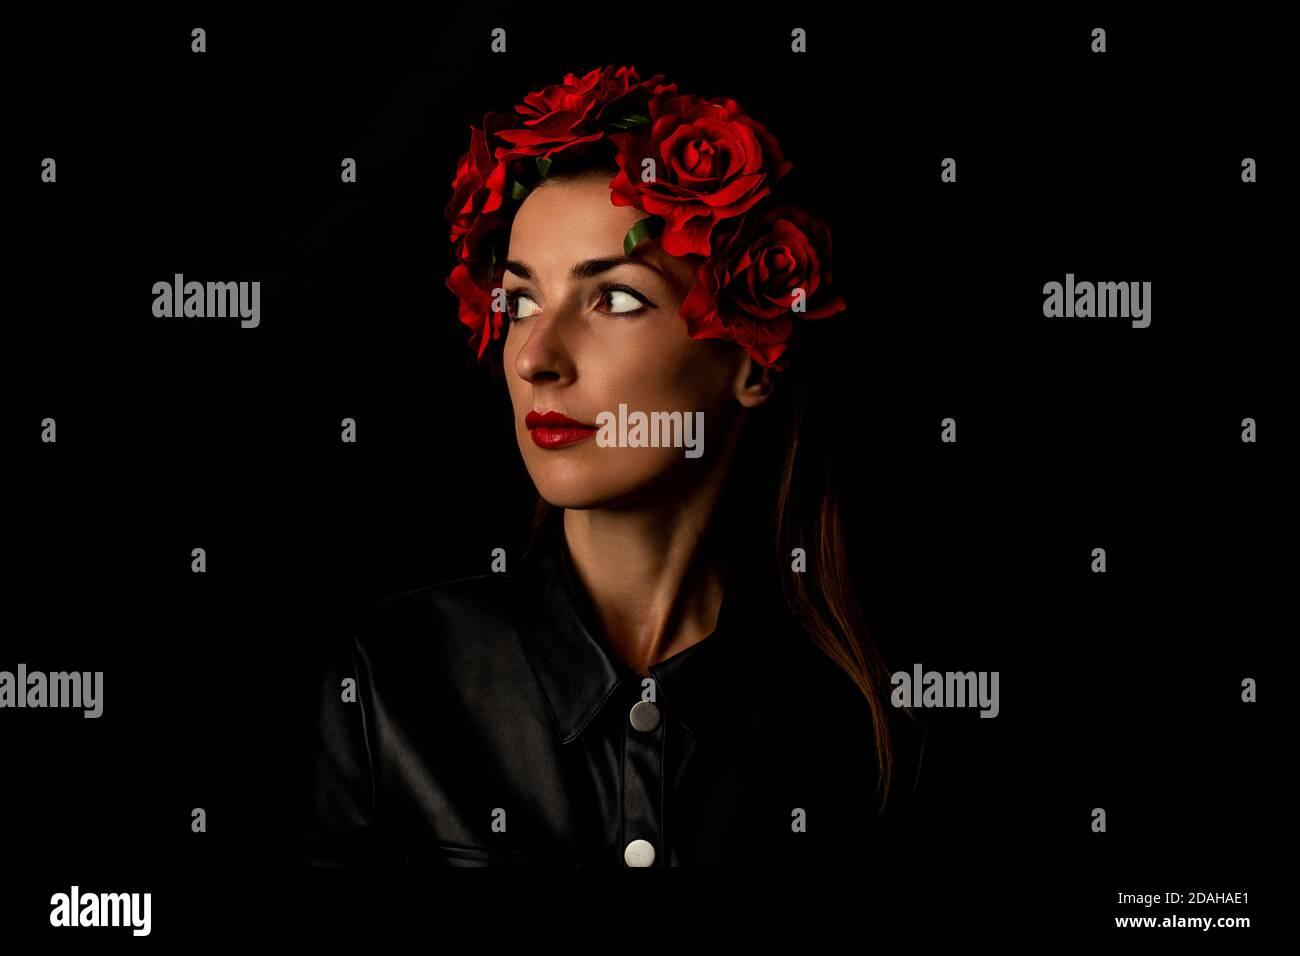 Jeune femme pensive dans une couronne de fleurs rouges sur fond noir. Banque D'Images